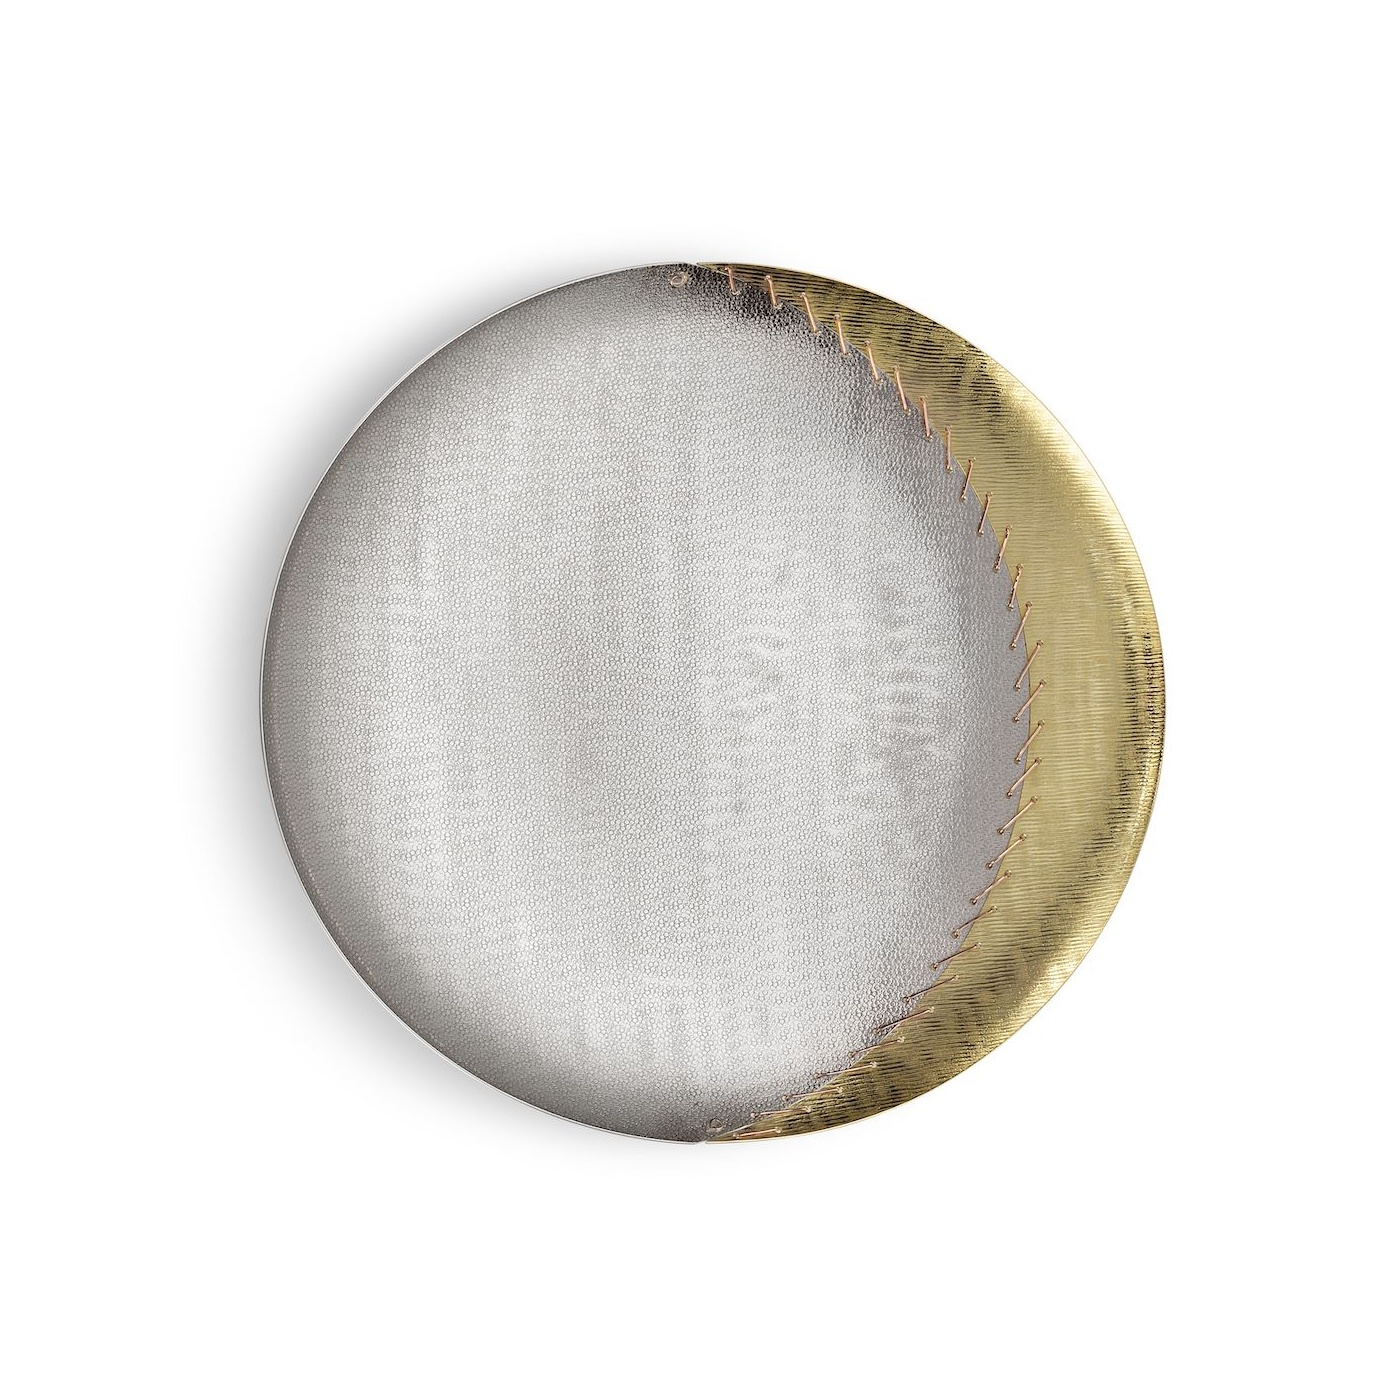 Piatto-centrotavola-cucito-KITAKAMI-zanetto